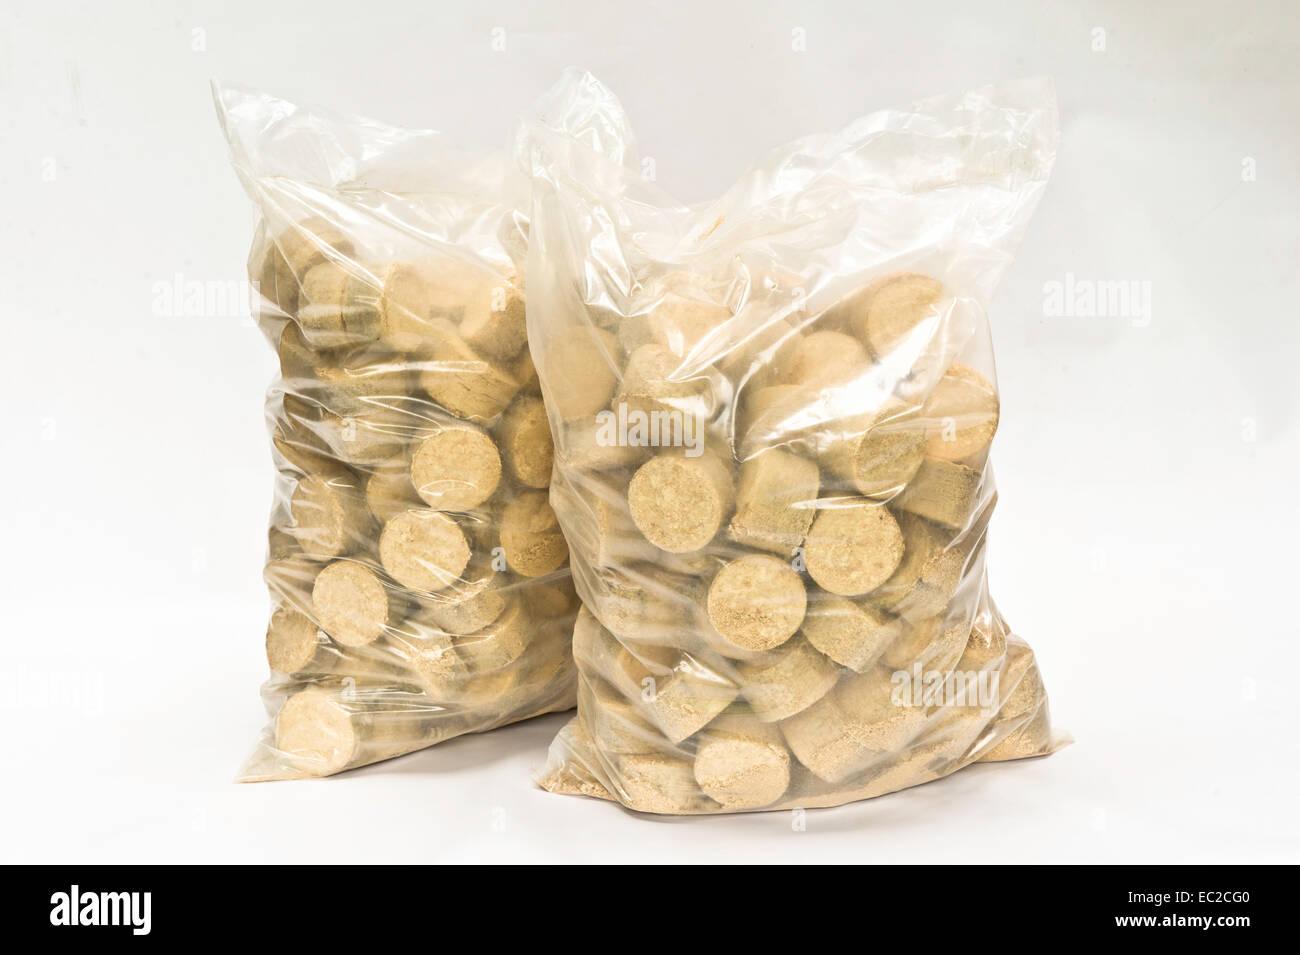 Las briquetas de madera ecológica Imagen De Stock